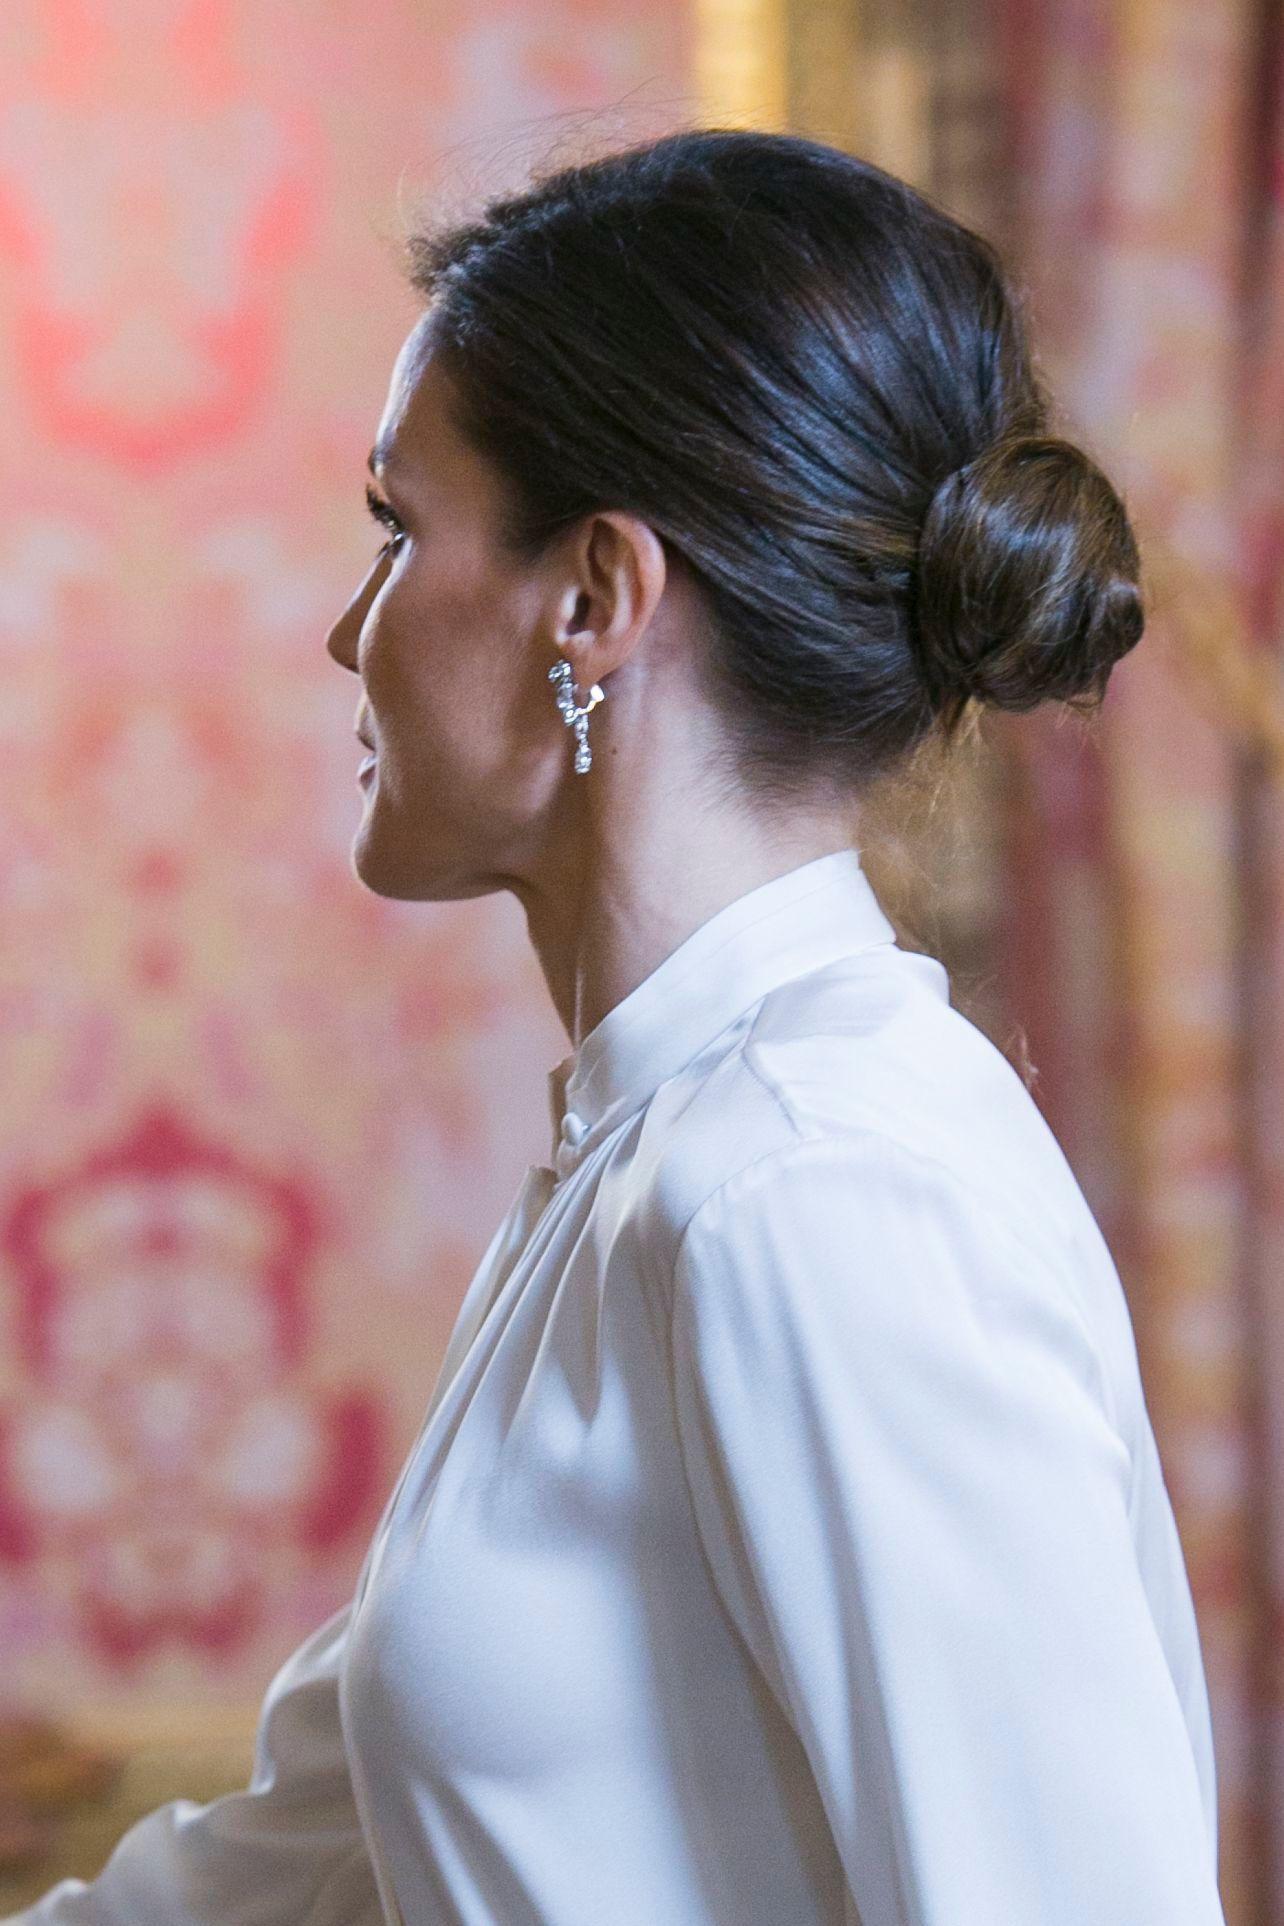 Coiffure d'une invitée de mariage : Plan de côté d'une femme aux cheveux châtain foncé coiffés en un chignon bas et poli, portant un chemisier blanc.